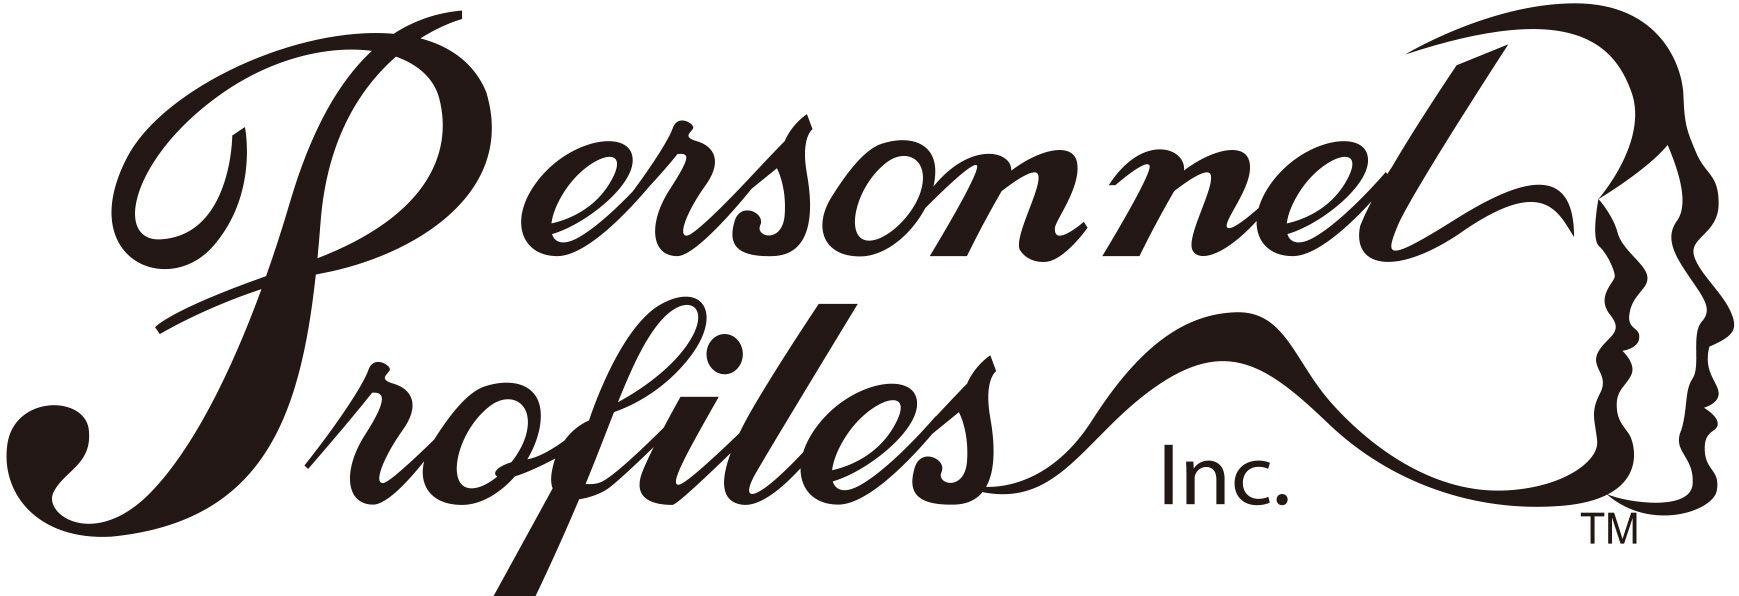 personnel profiles logo